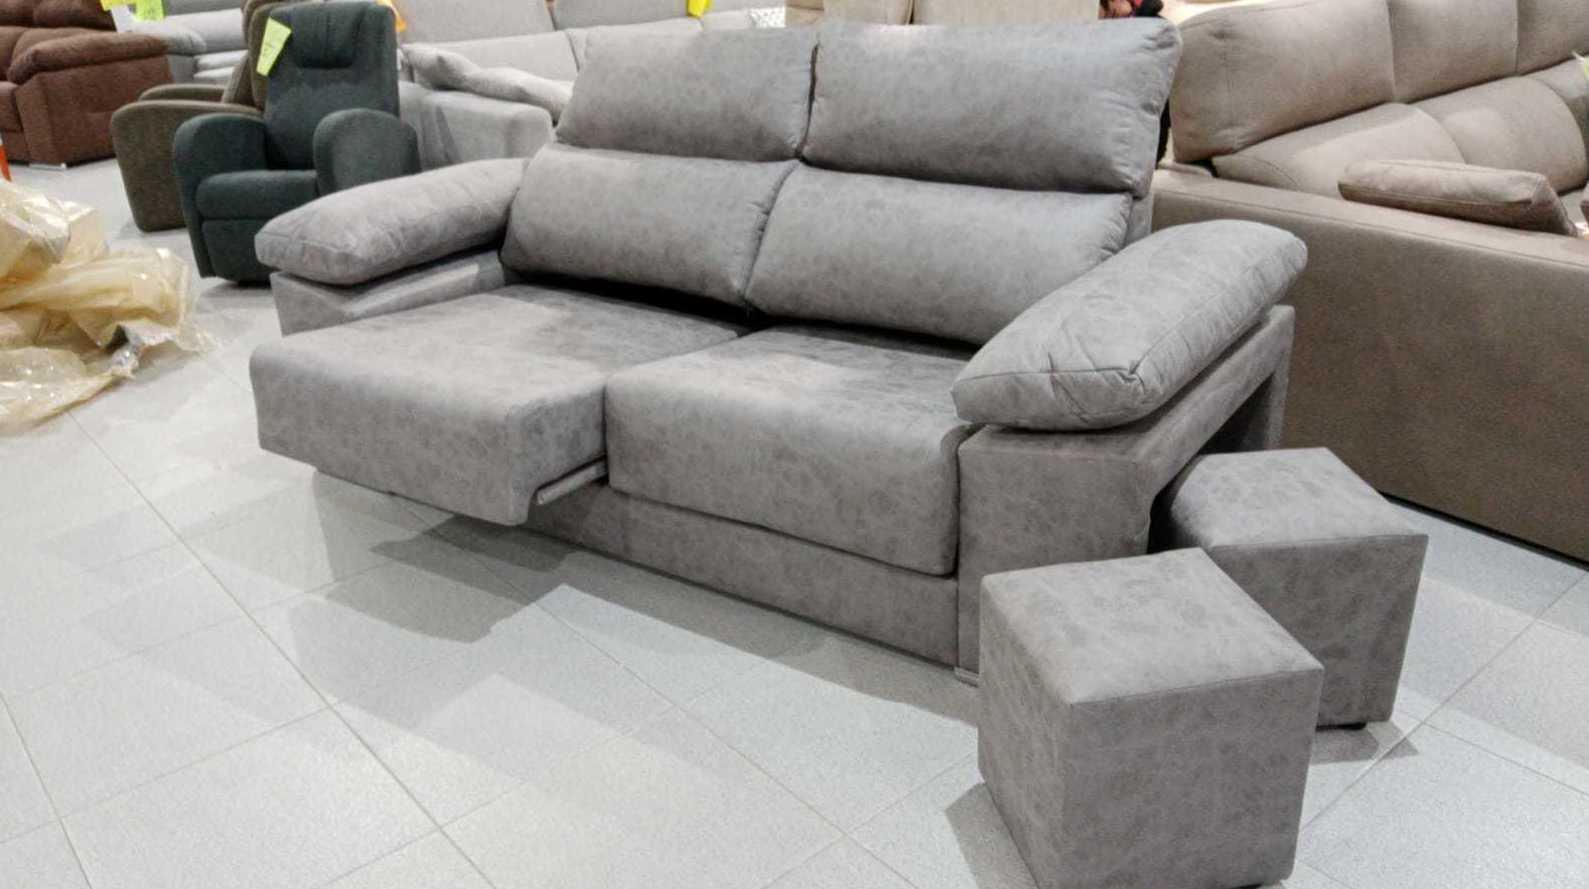 sofa con módulos extraibles